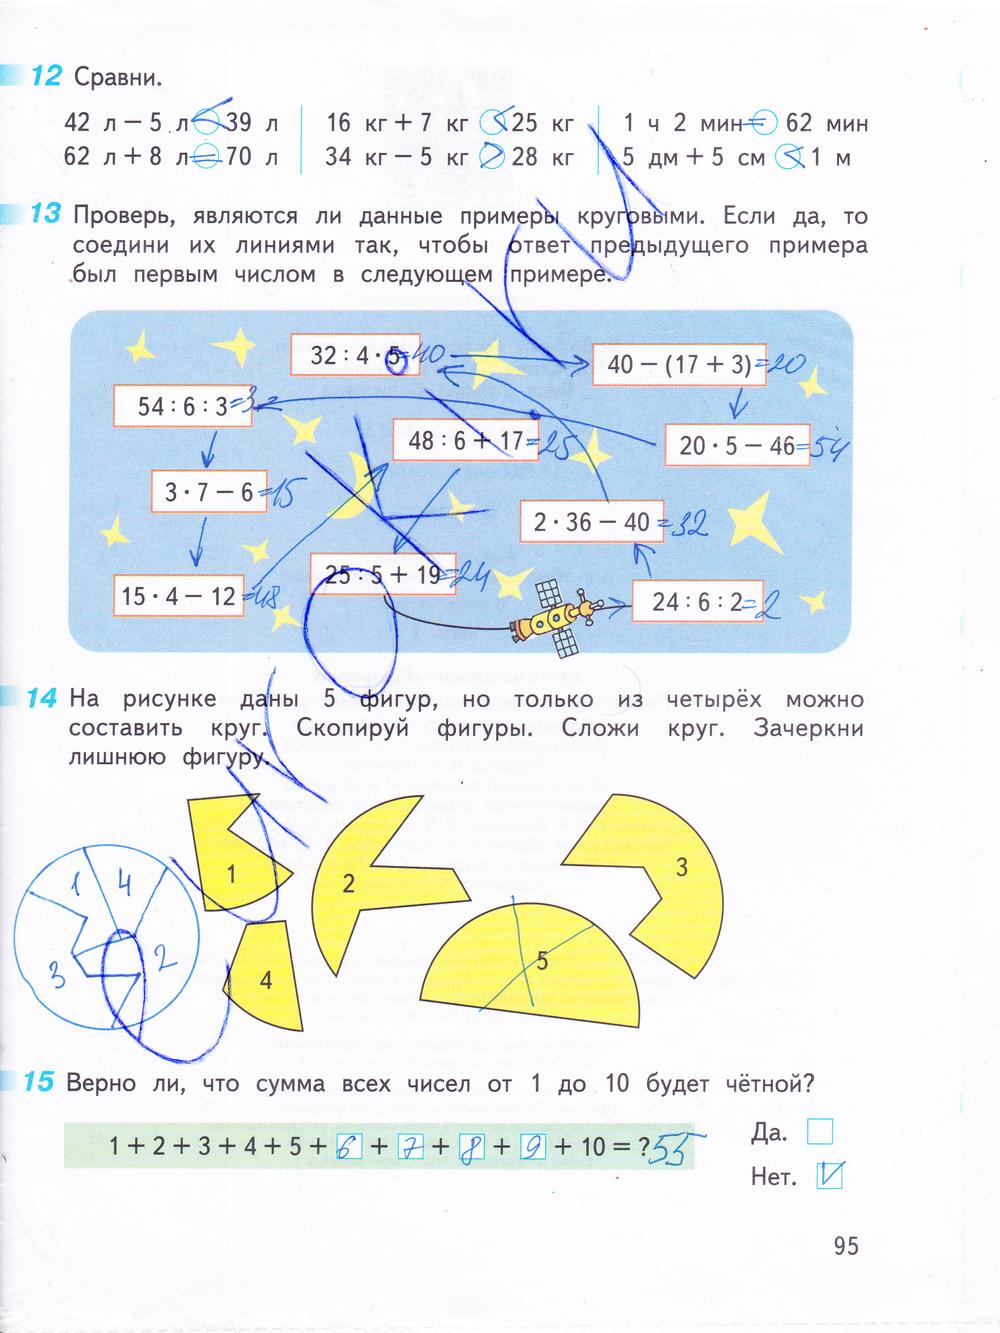 Готовые домашние задания по математике 1 класс дорофеев рабочая тетрадь 1 часть